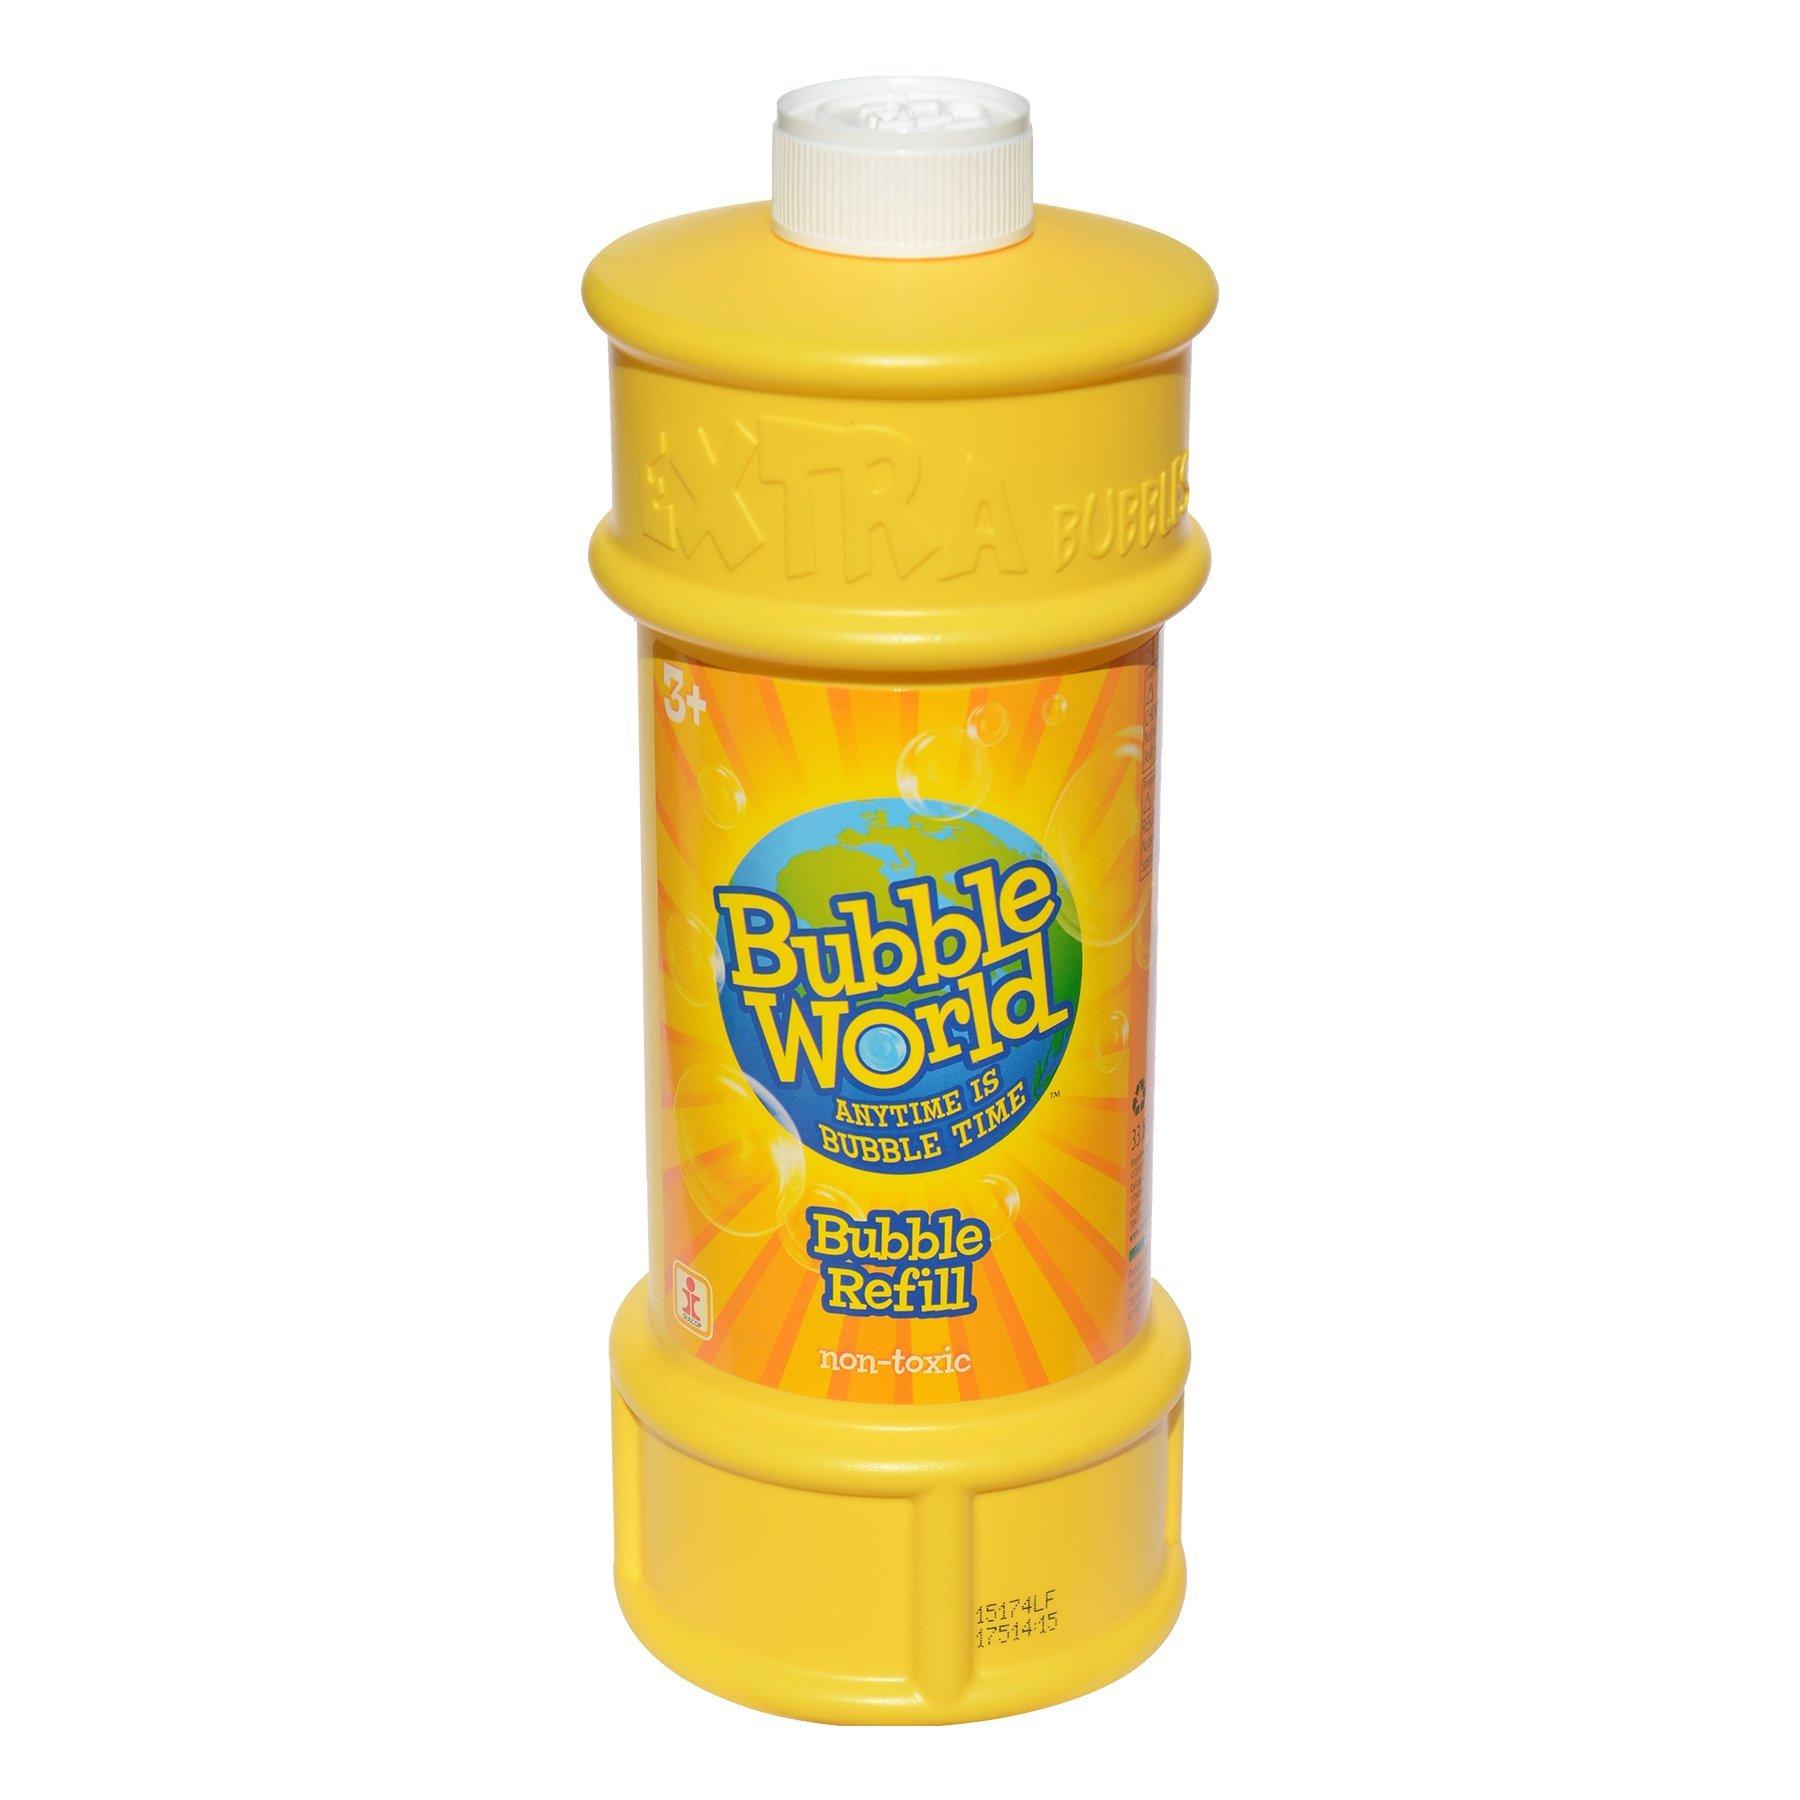 Bubble World Refill Bottle - 33.81 fl. oz. of Bubble Solution for Kids Bubbles